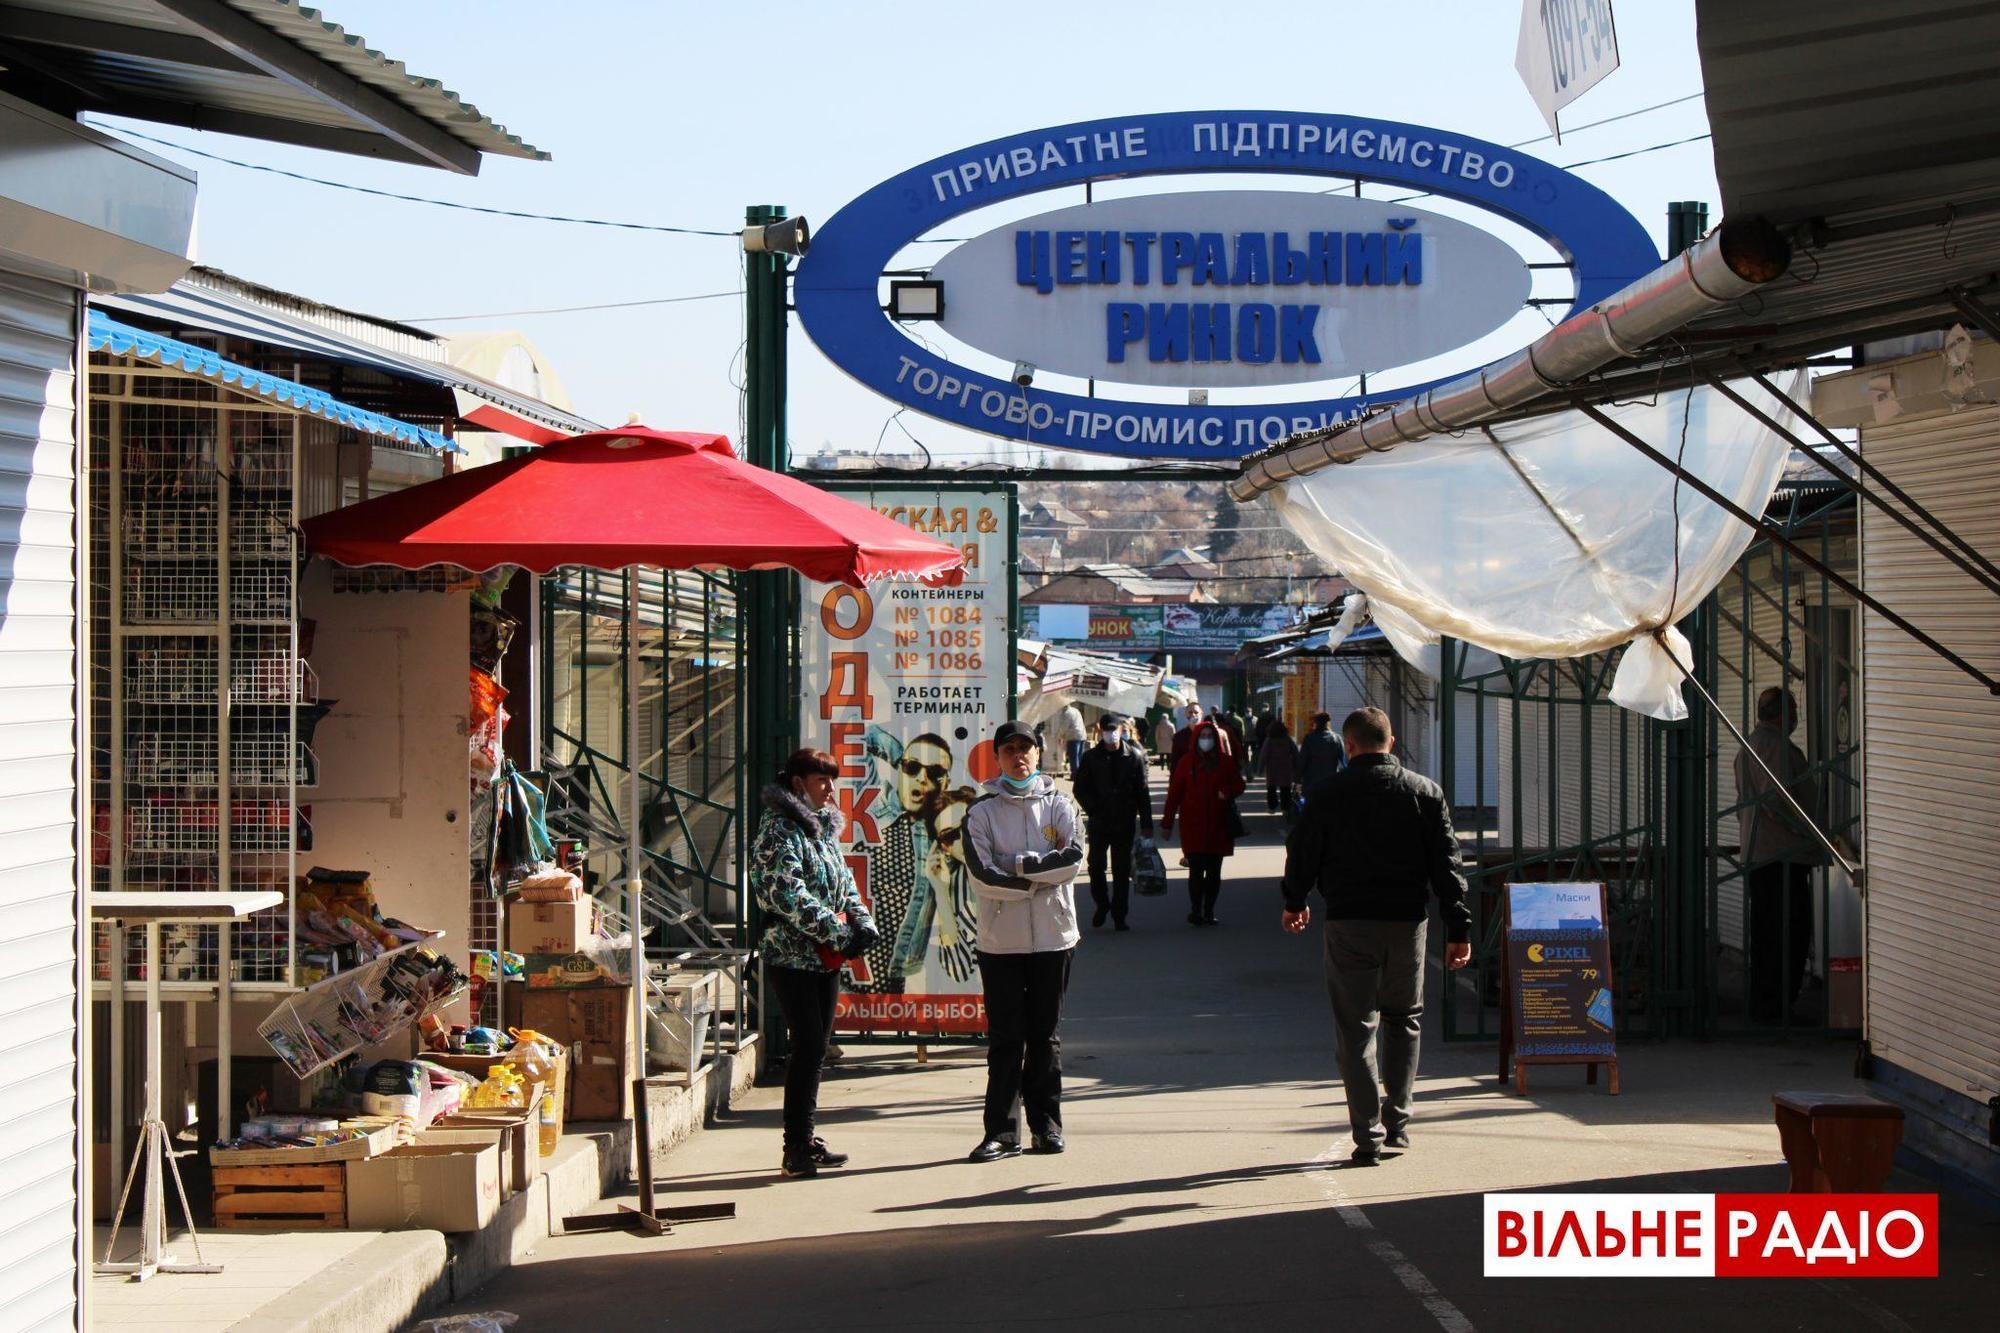 """""""Несанкціонована торгівля"""": Центральний ринок Бахмута працює попри заборону (ФОТО)"""